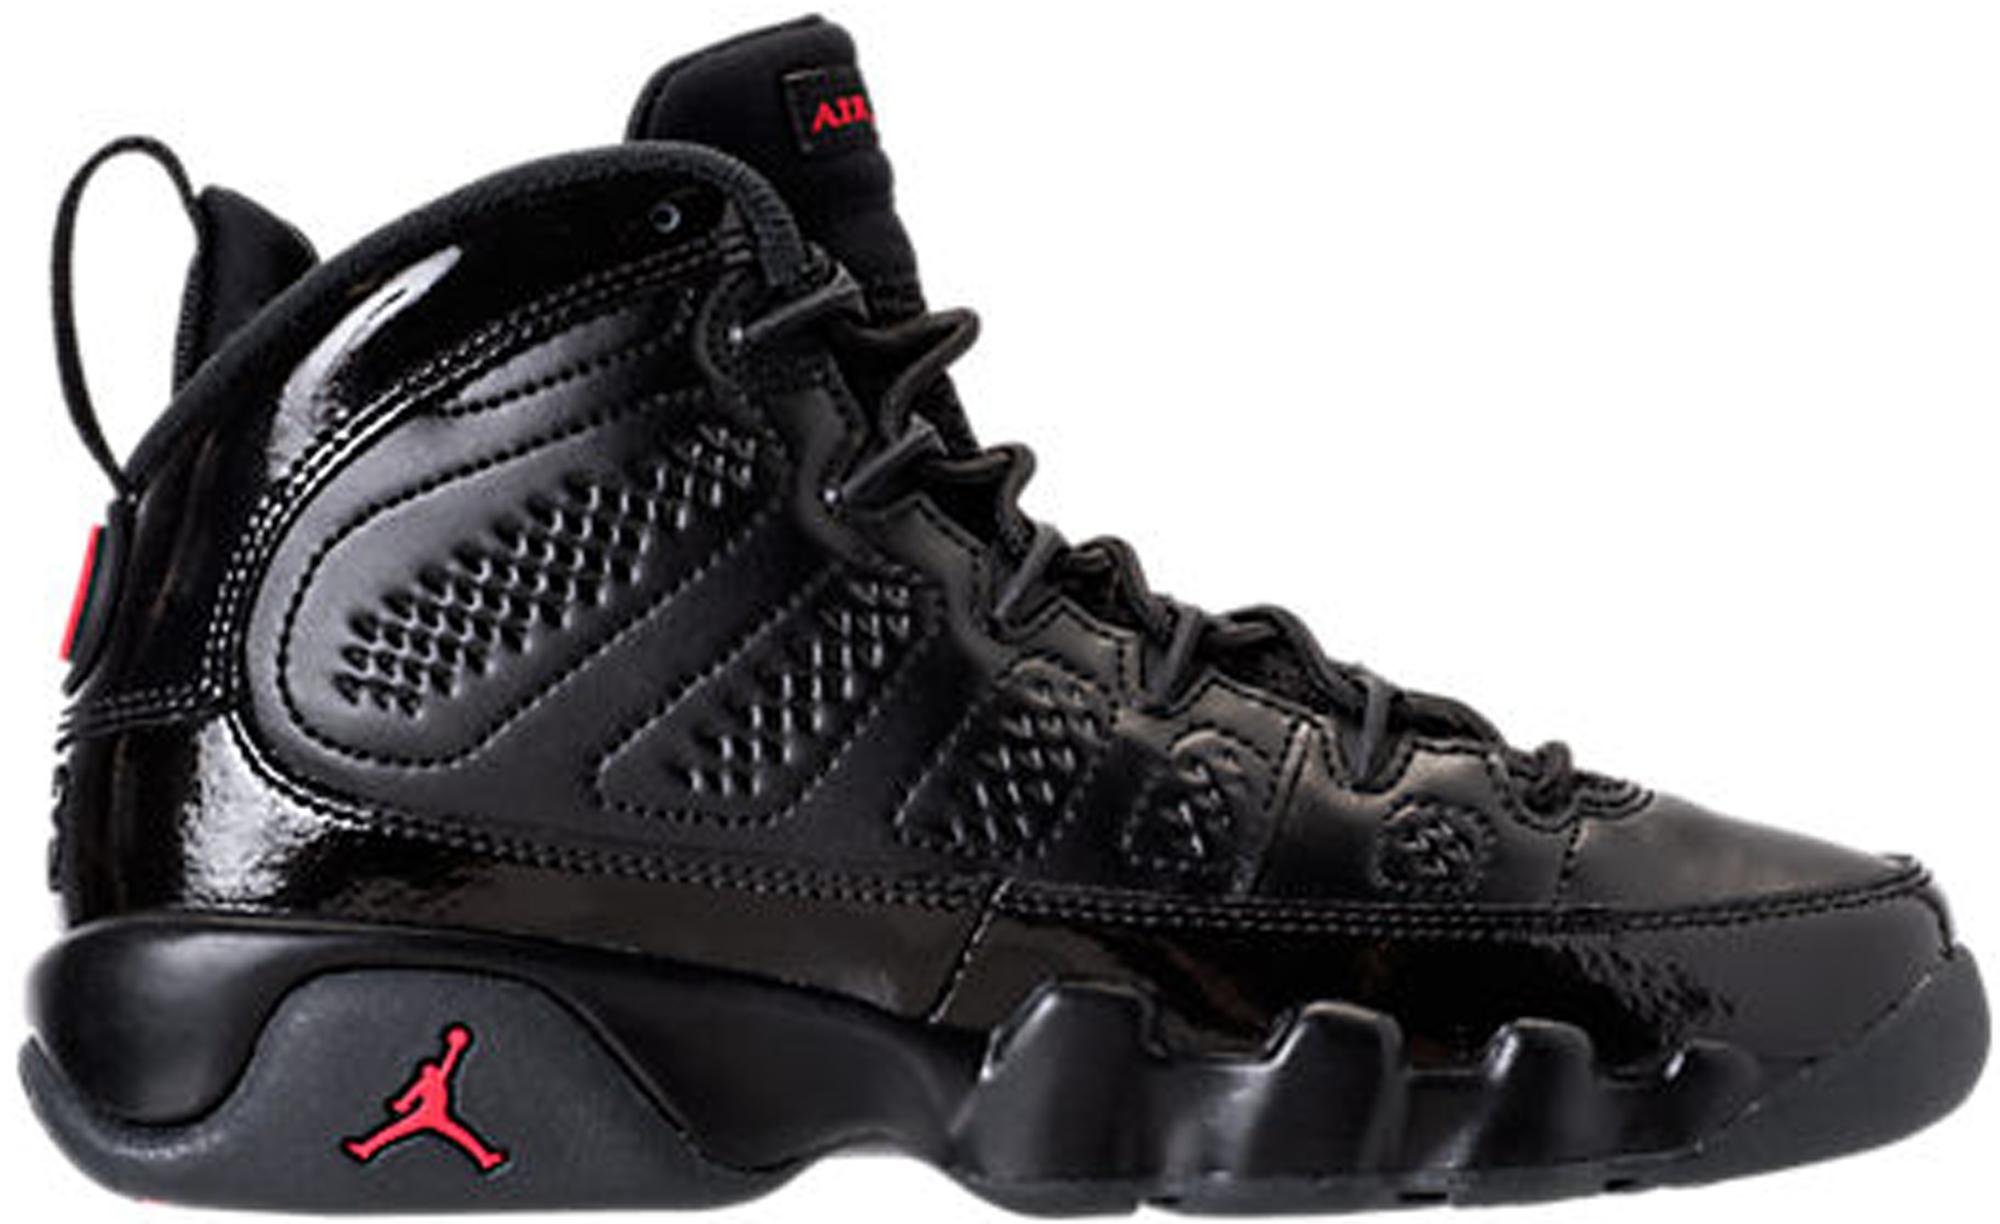 Jordan 9 Retro Bred Patent (GS)